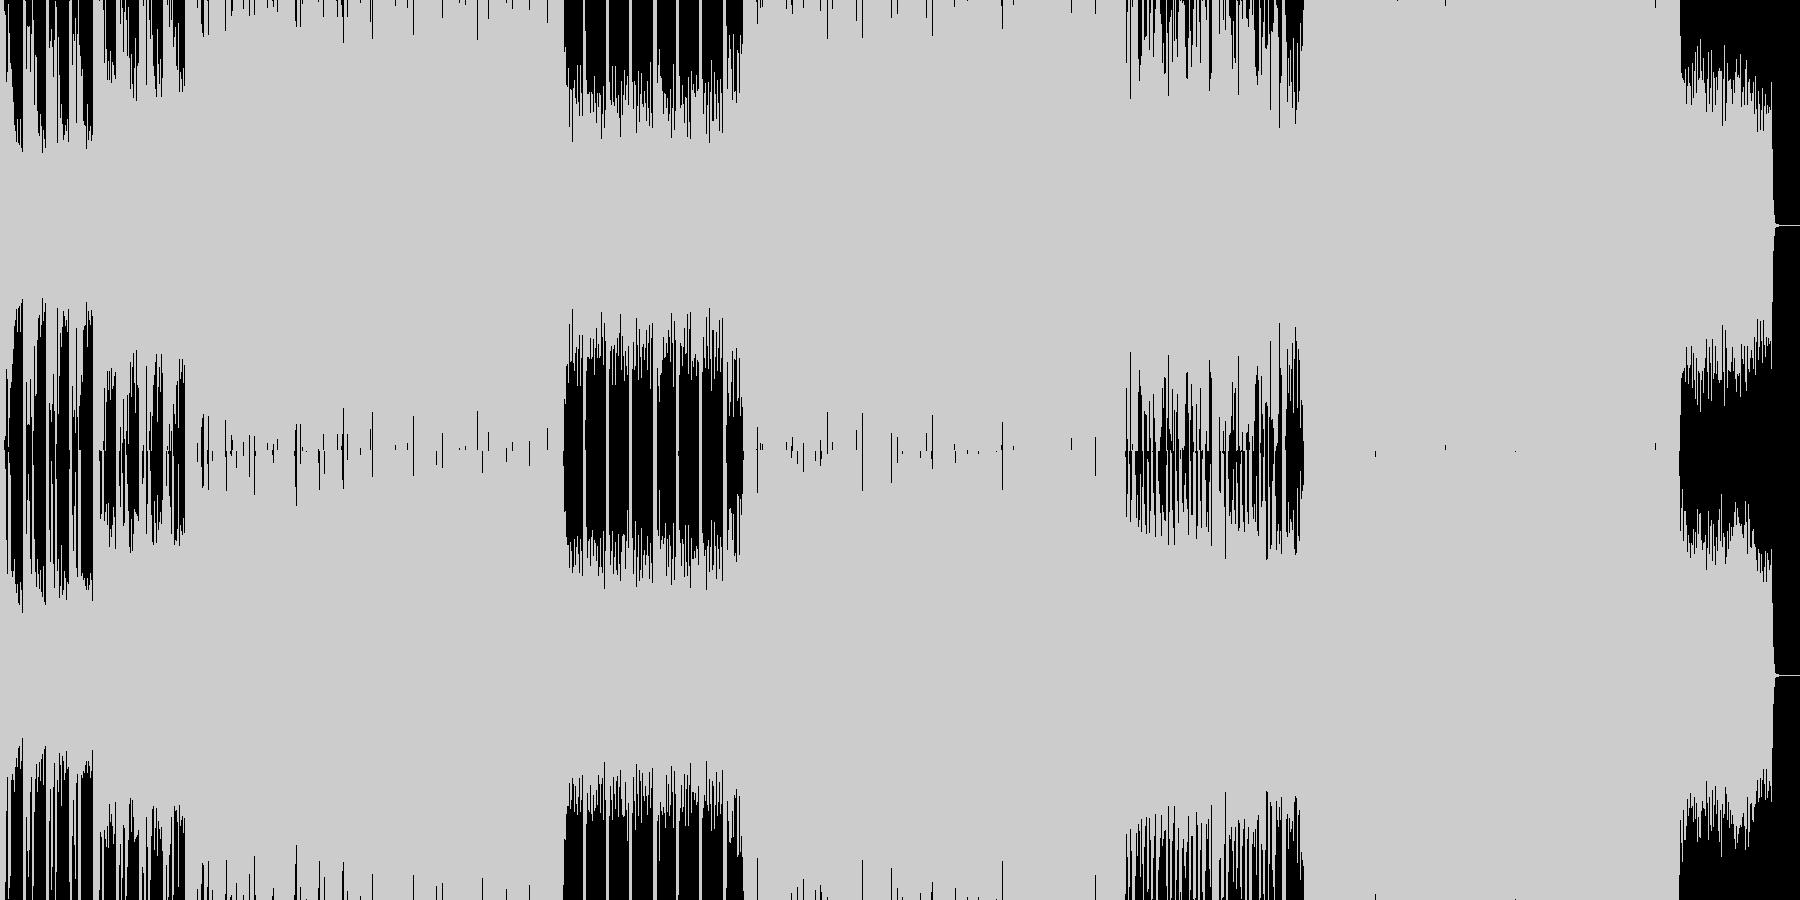 ずっしりと堂々と迫力のあるエレクトロニカの未再生の波形